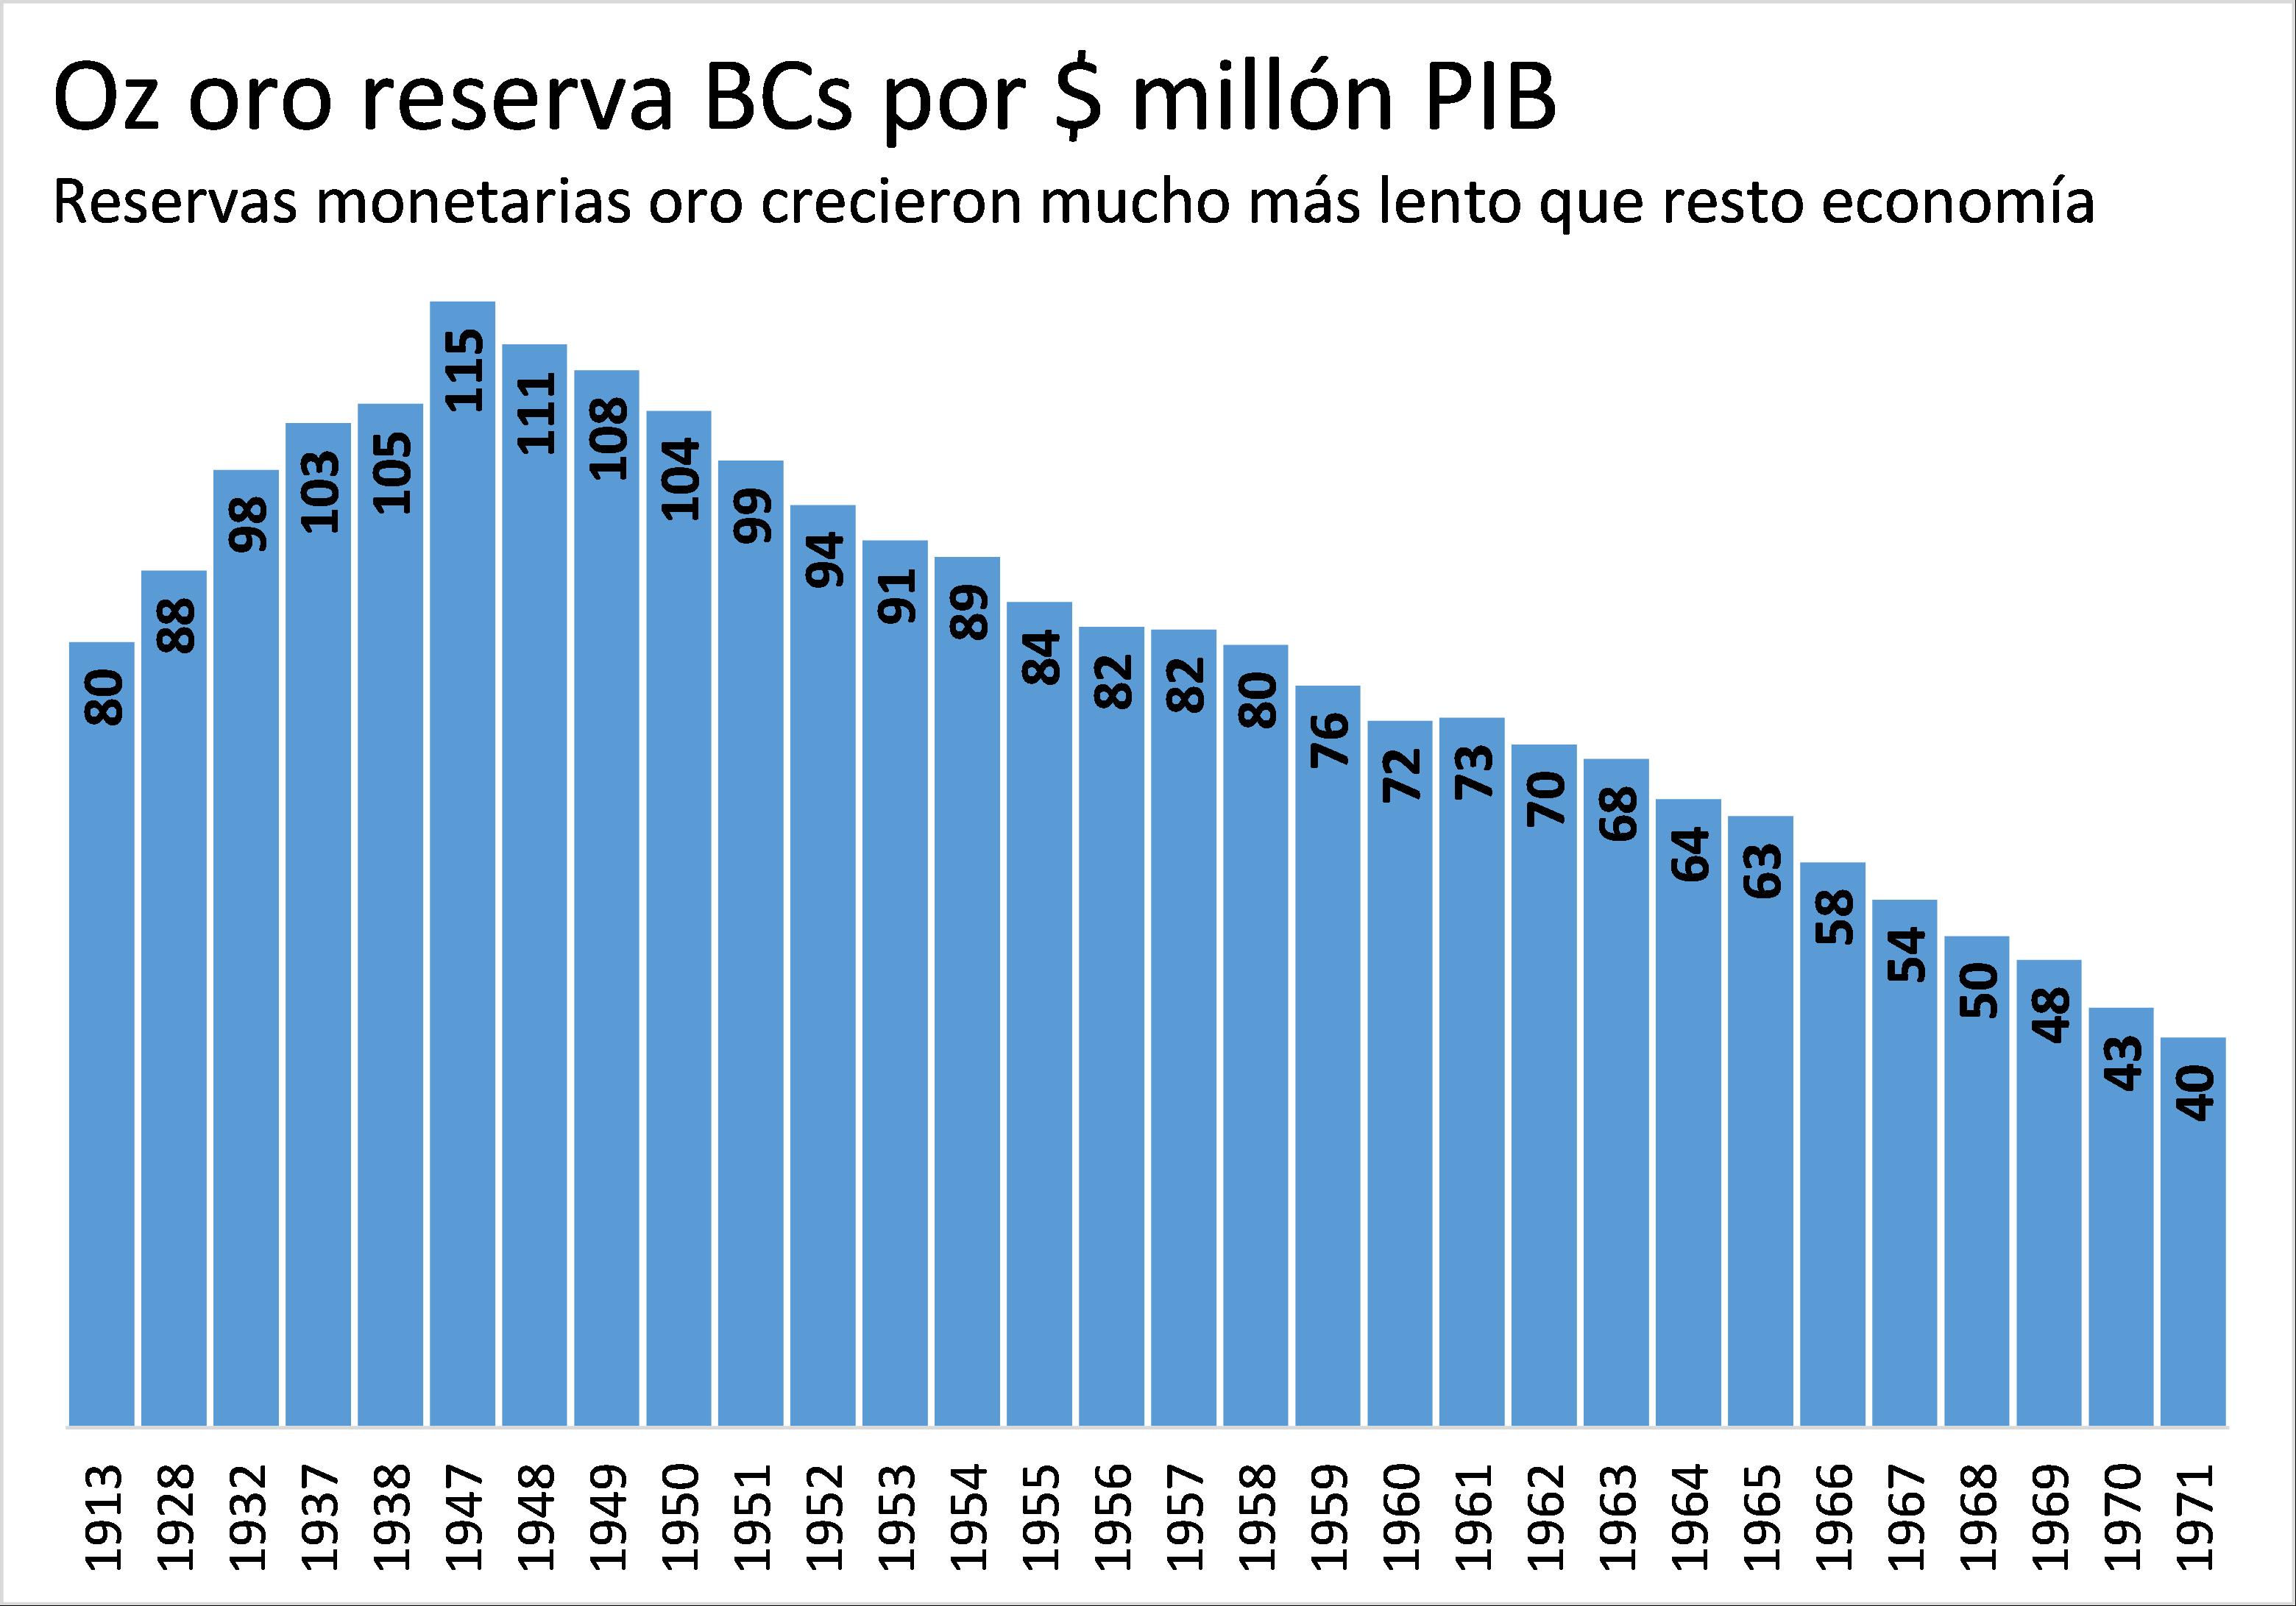 Onzas de reserva de oro por millón de dólares de PIB entre 1913 y 1971